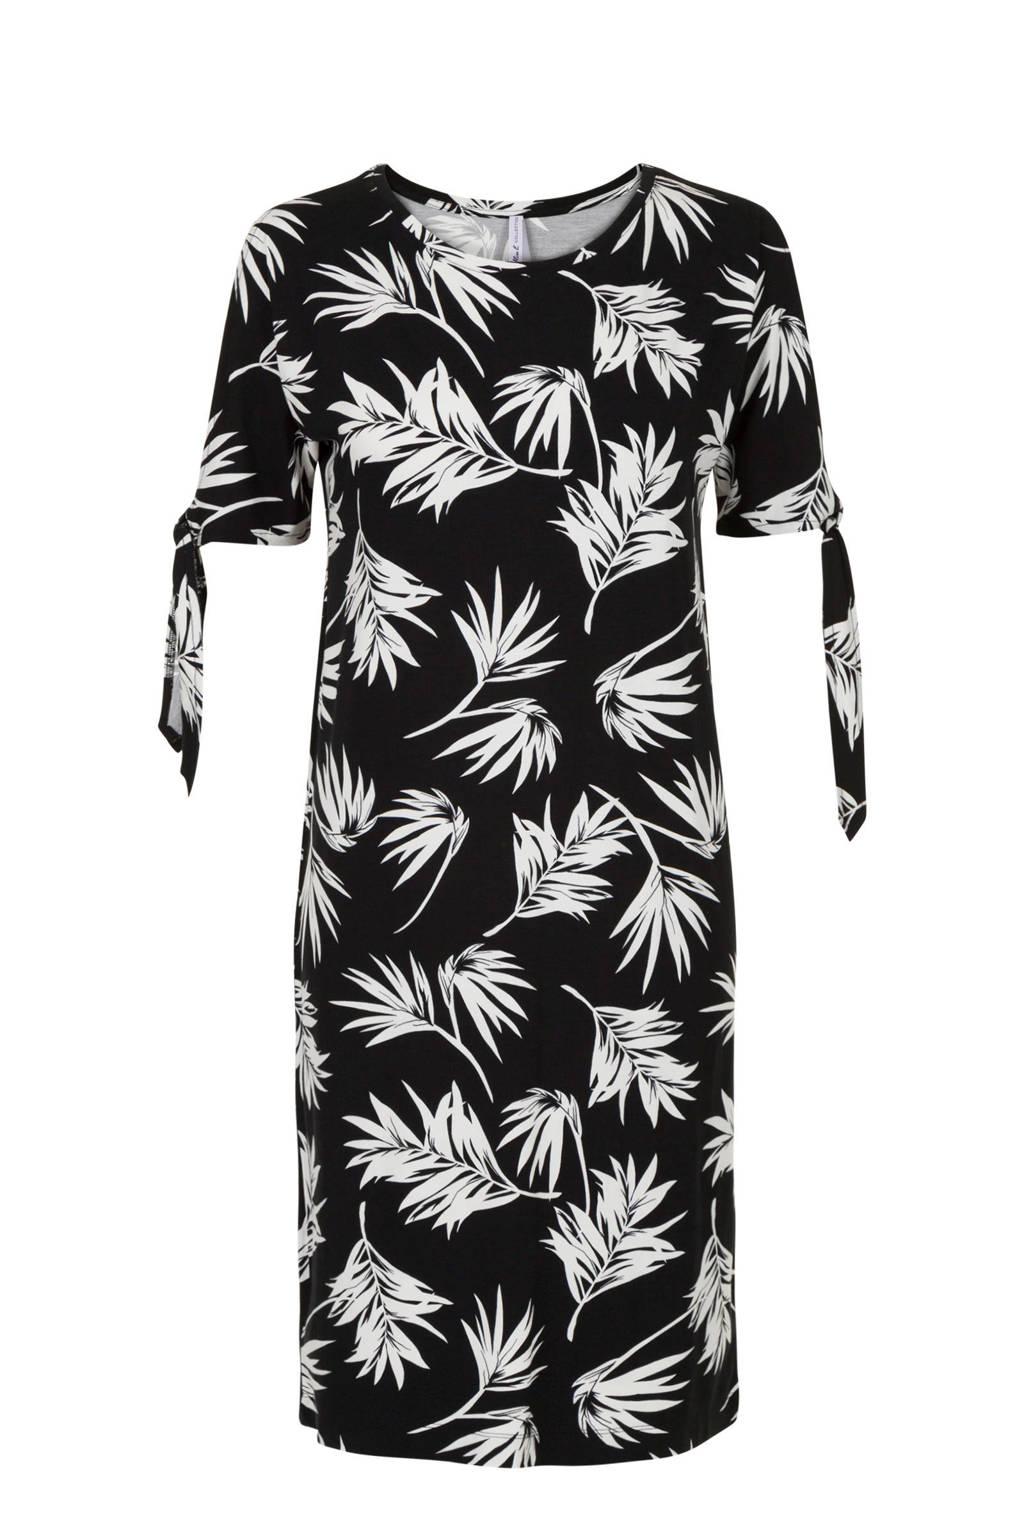 Miss Etam Regulier jurk met open mouwen, Zwart/wit